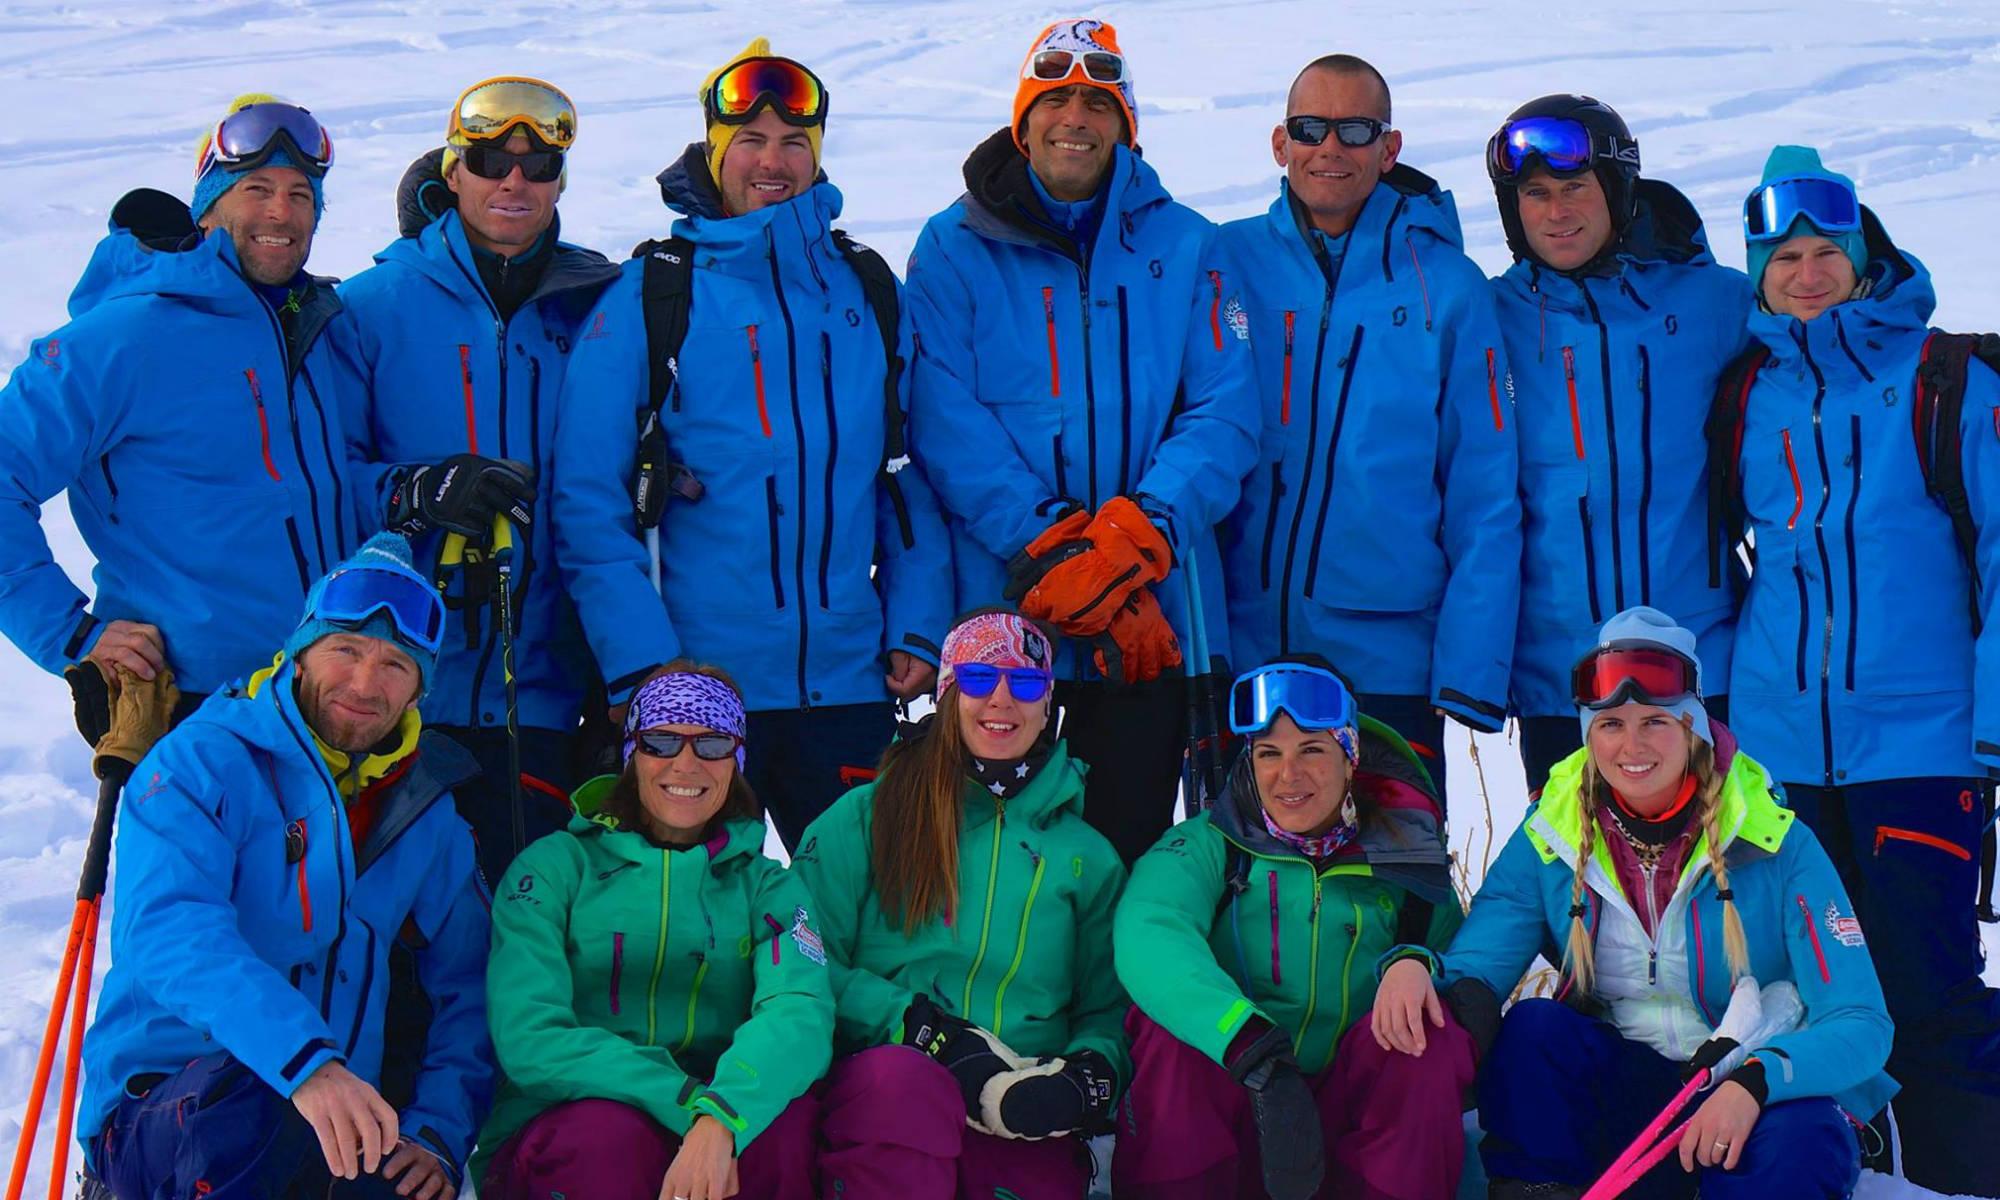 L'équipe des moniteurs de l'école de ski Snocool.